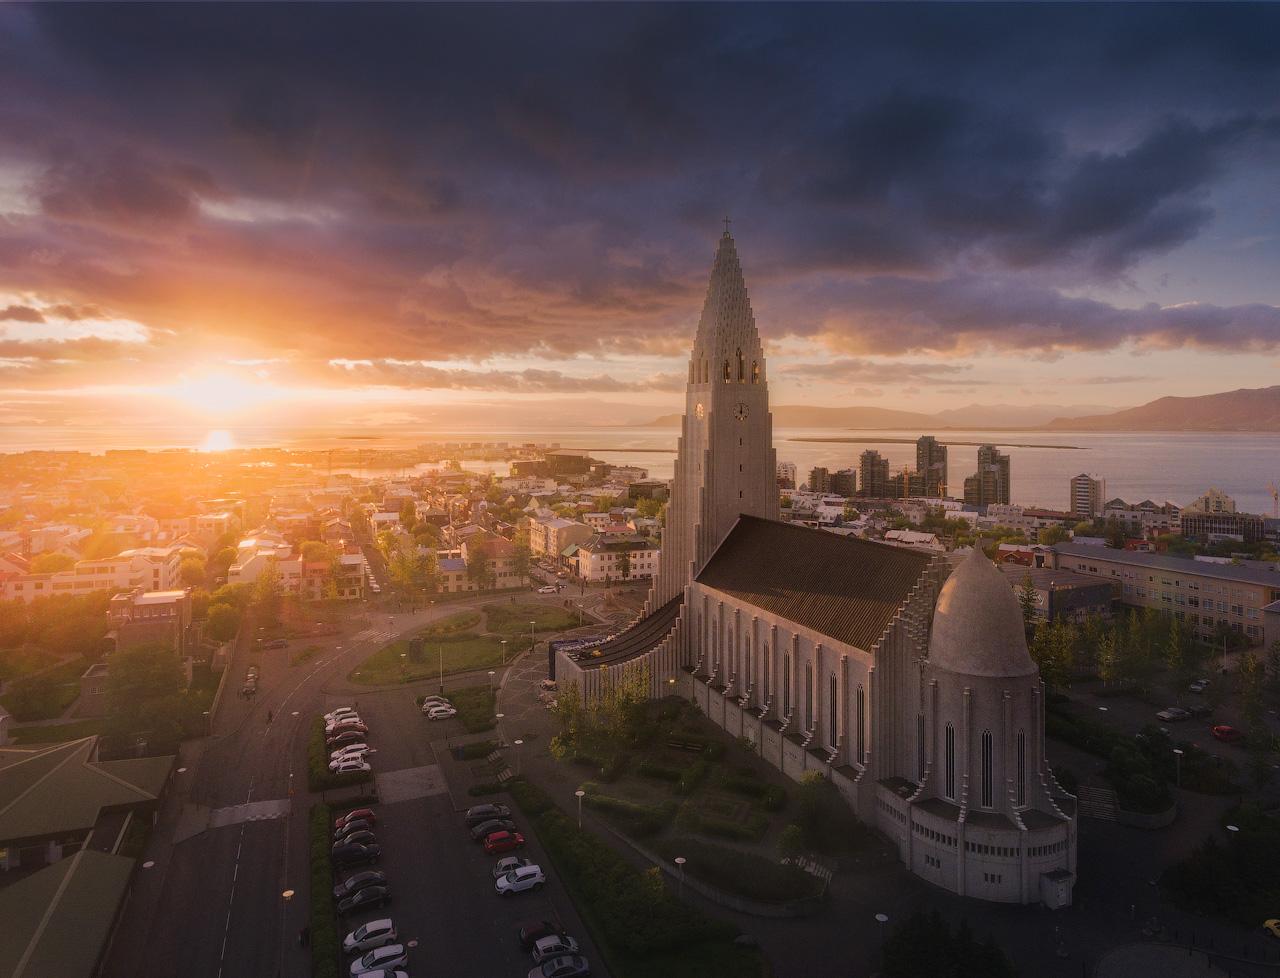 L'église Hallgrímskirkja est sans doute l'un des sites les plus emblématiques de la capitale Reykjavík